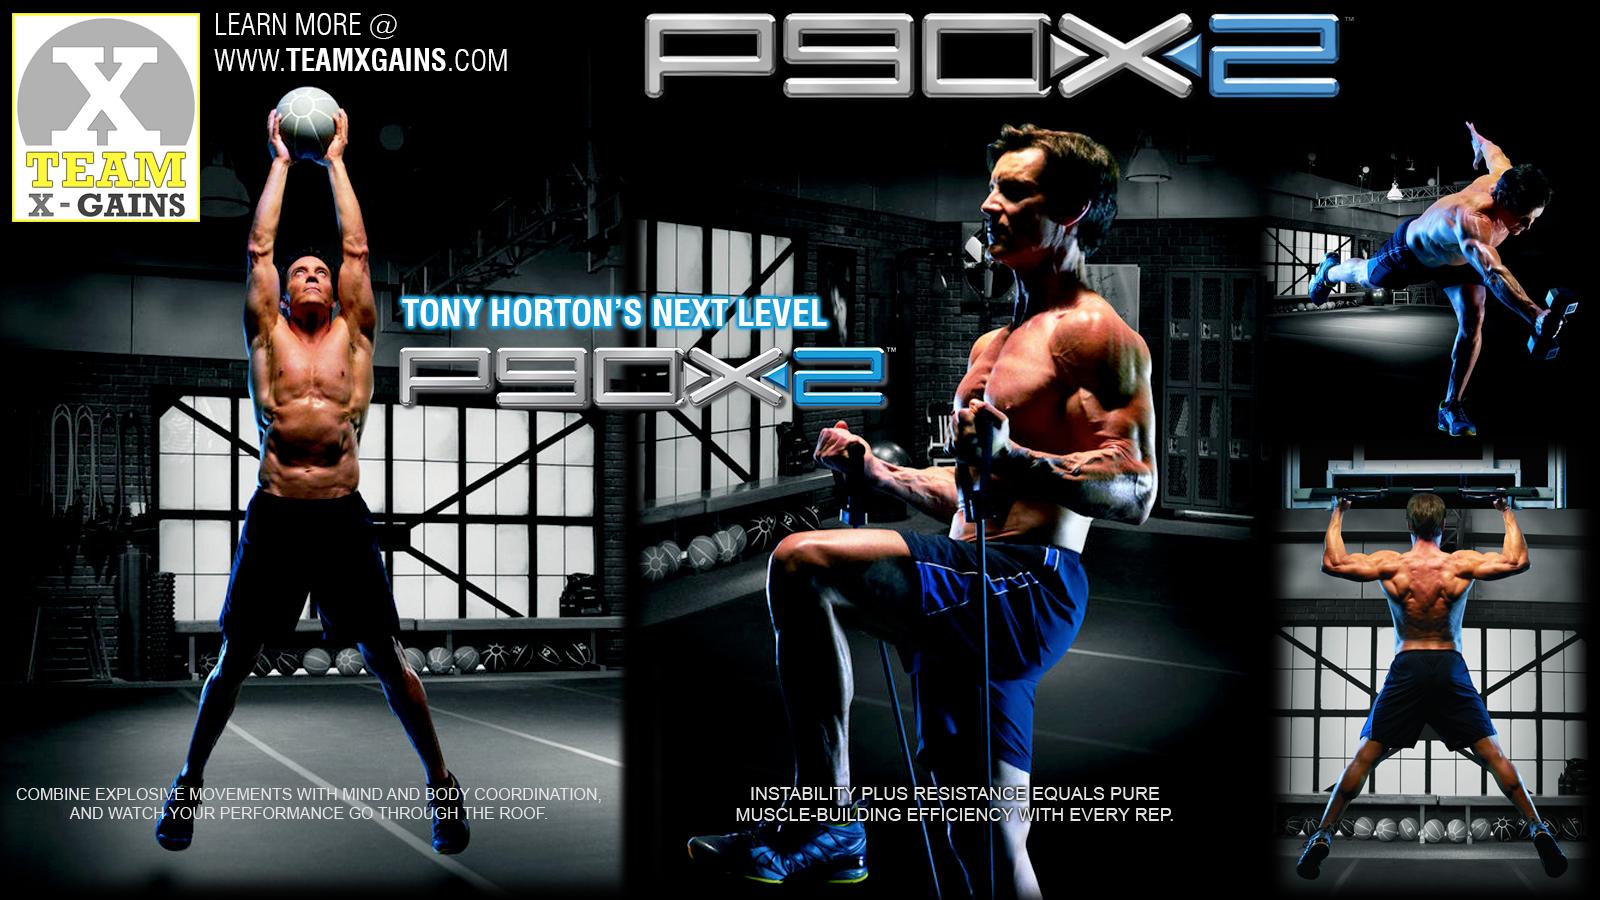 P90X FAMILY | TEAM X-GAINS